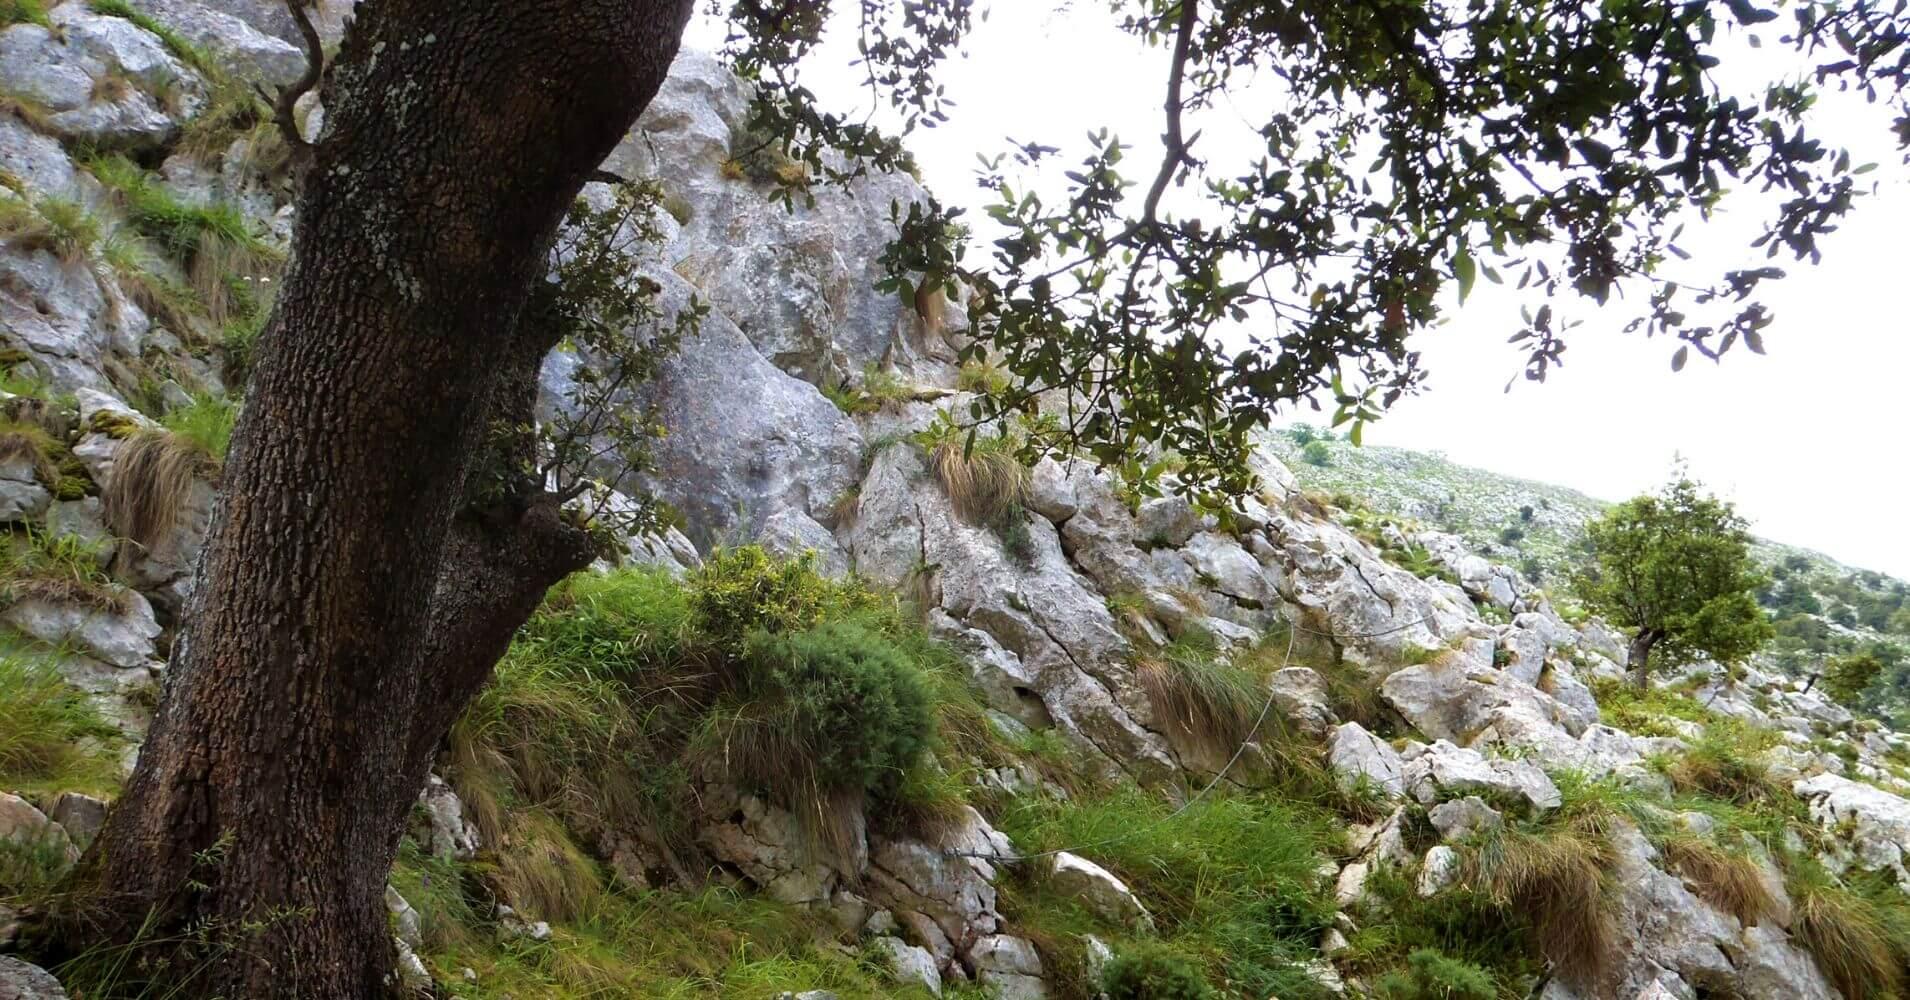 Descenso de la Vía. Picos de Europa, Cantabria.